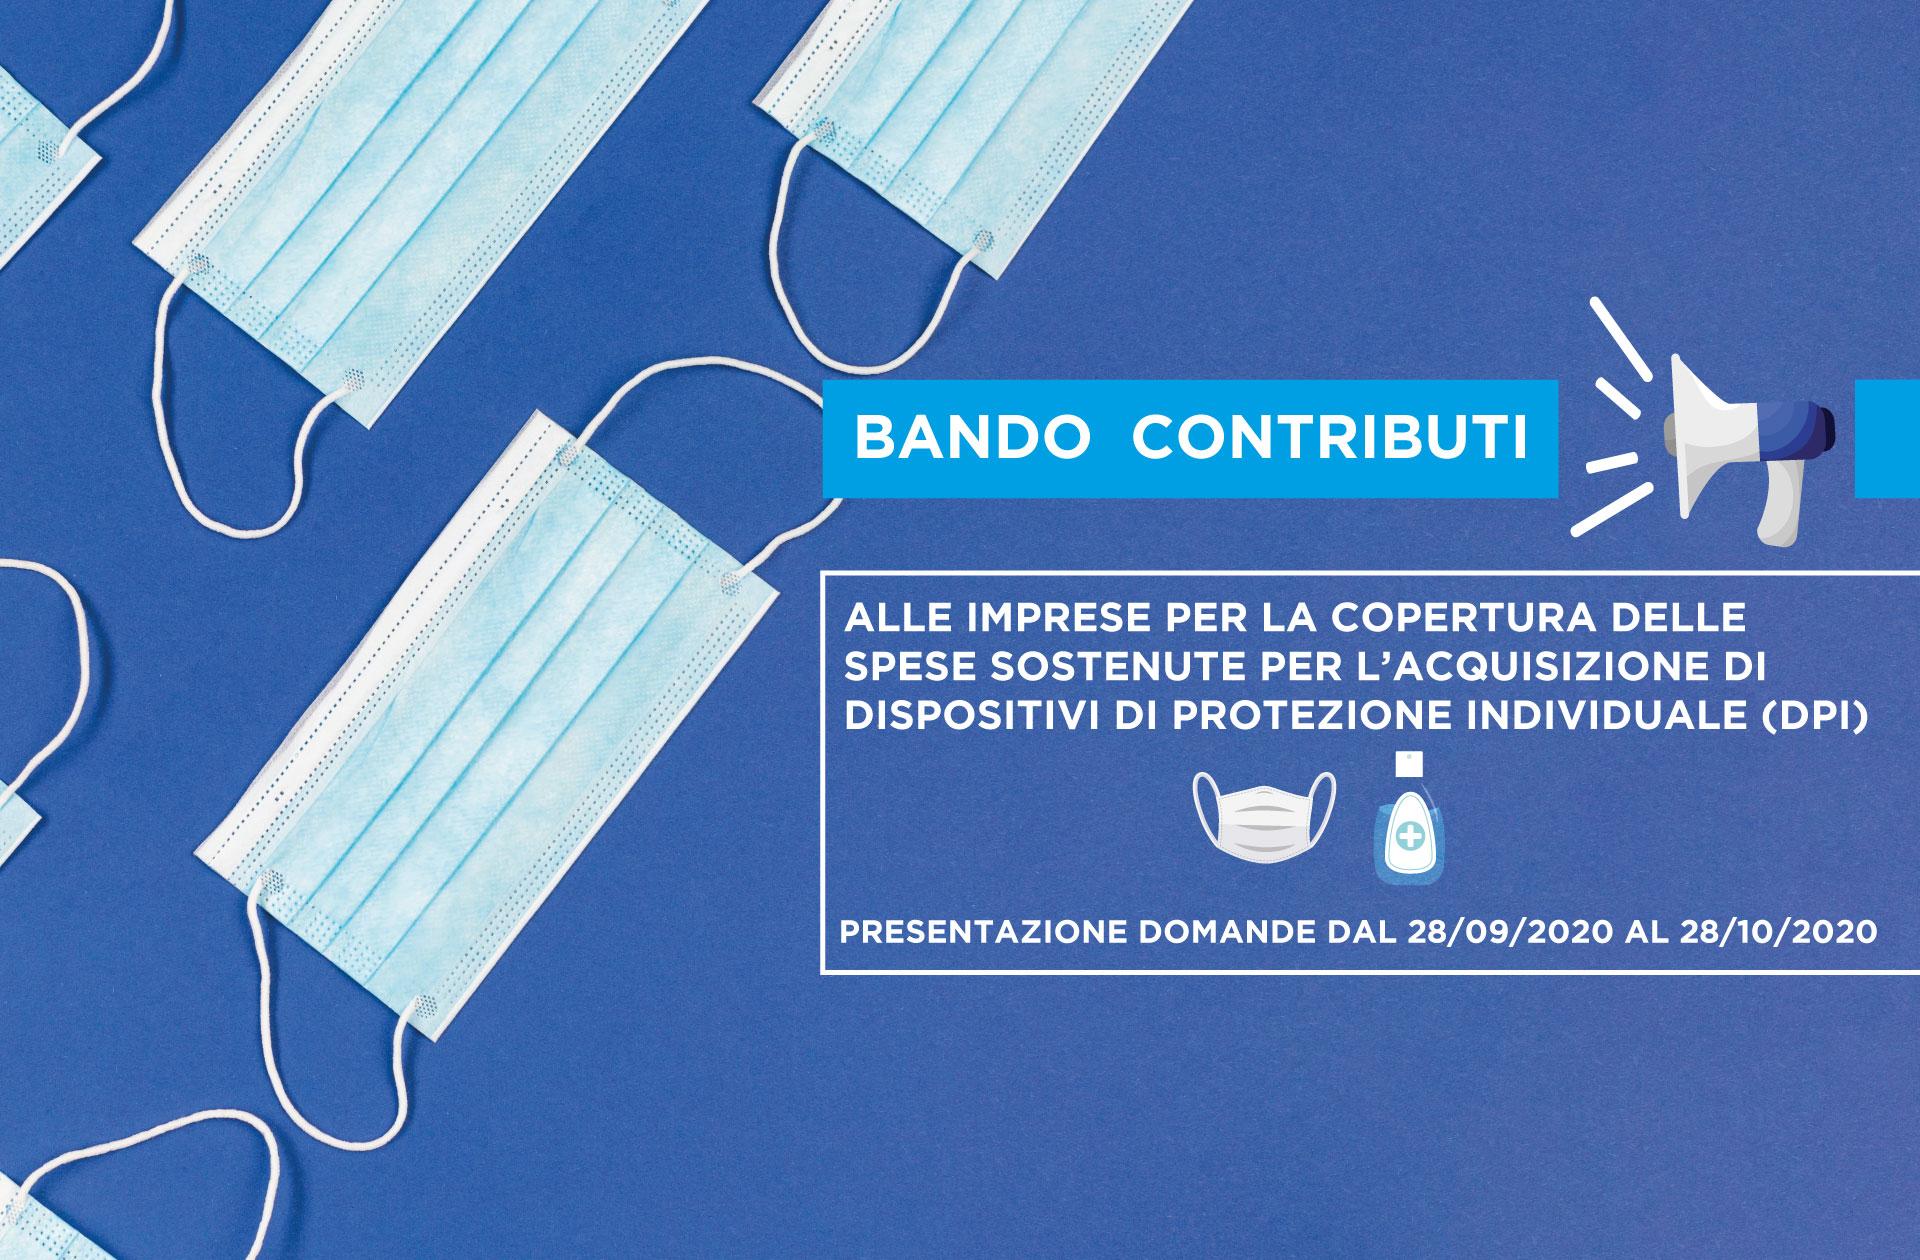 Bando per la concessione di contributi alle imprese del Veneto